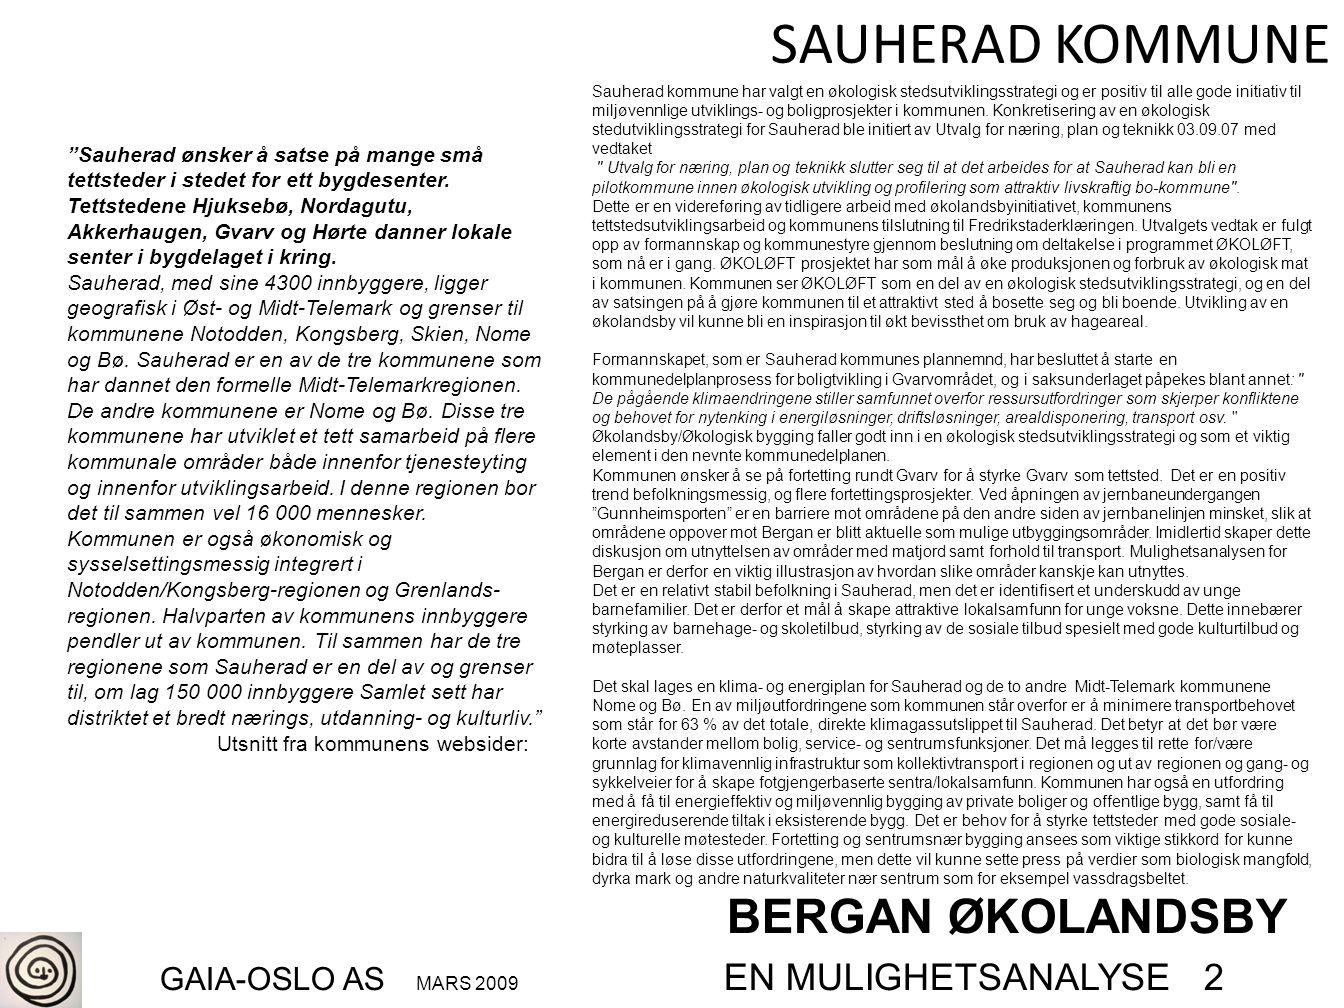 """BERGAN ØKOLANDSBY GAIA-OSLO AS MARS 2009 EN MULIGHETSANALYSE 2 SAUHERAD KOMMUNE """"Sauherad ønsker å satse på mange små tettsteder i stedet for ett bygd"""